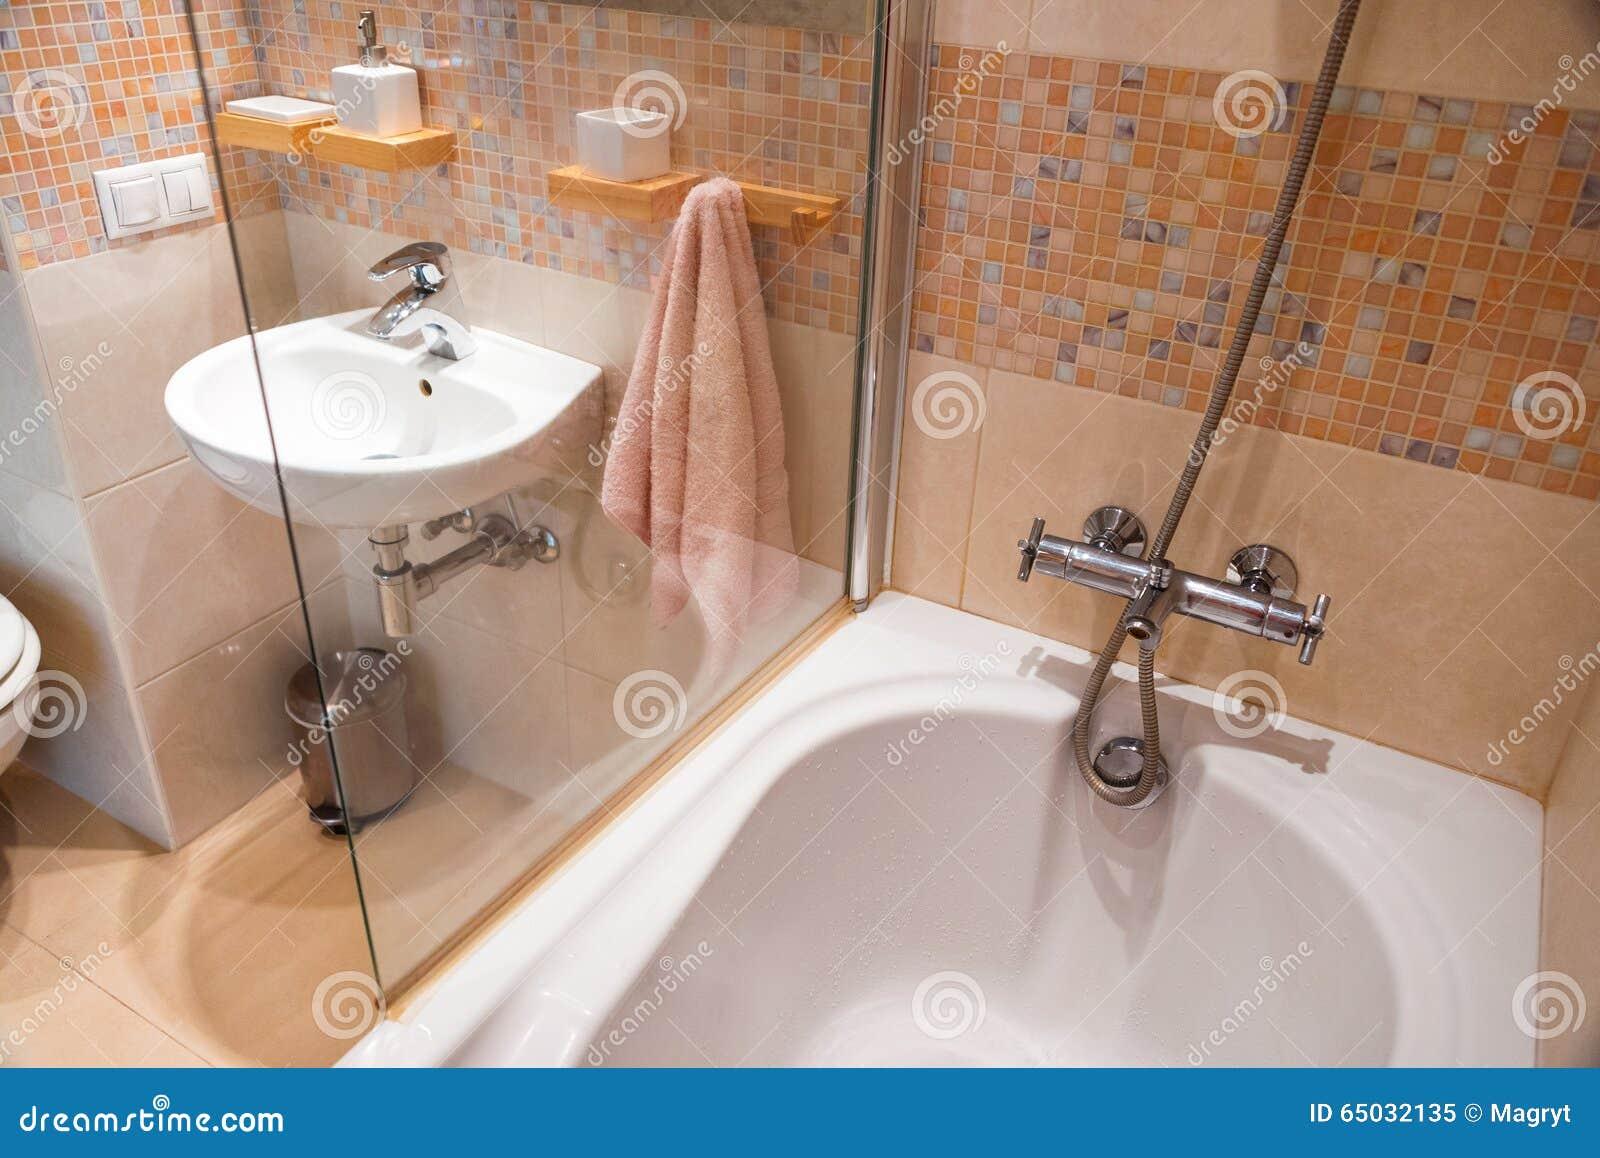 Salle De Bain Simple Et Moderne ~ int rieur simple moderne en appartements l gers int rieur de salle